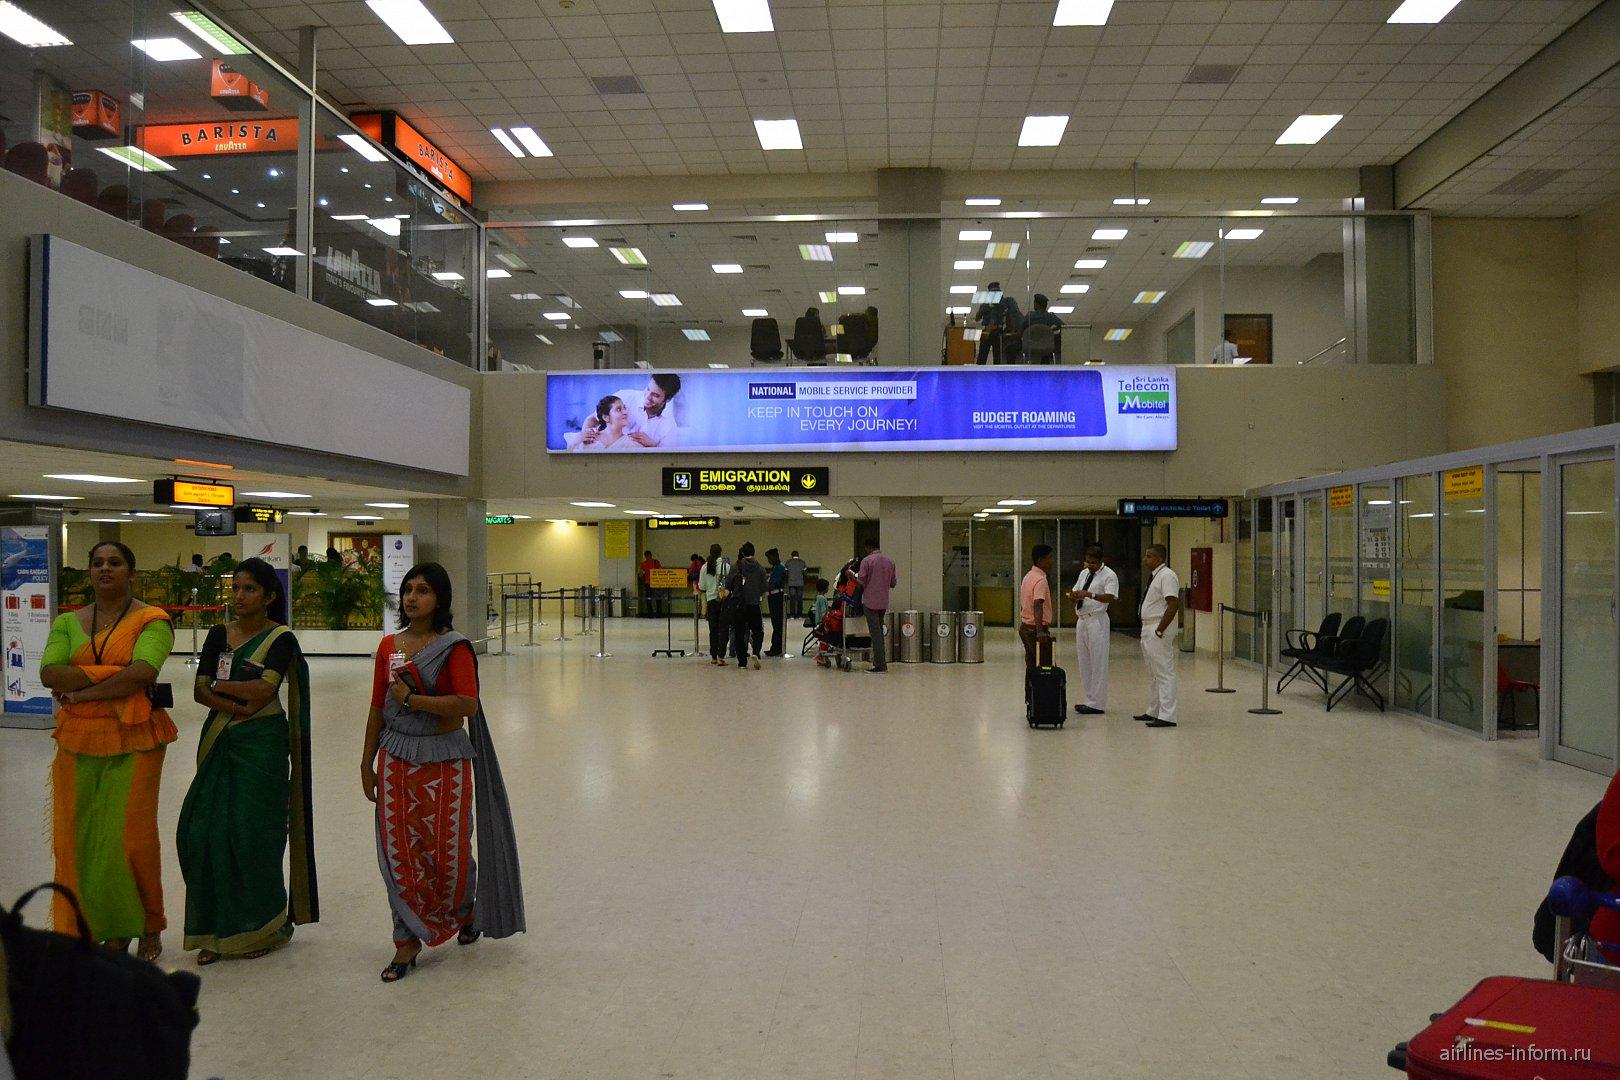 В аэропорту Коломбо Бандаранайке